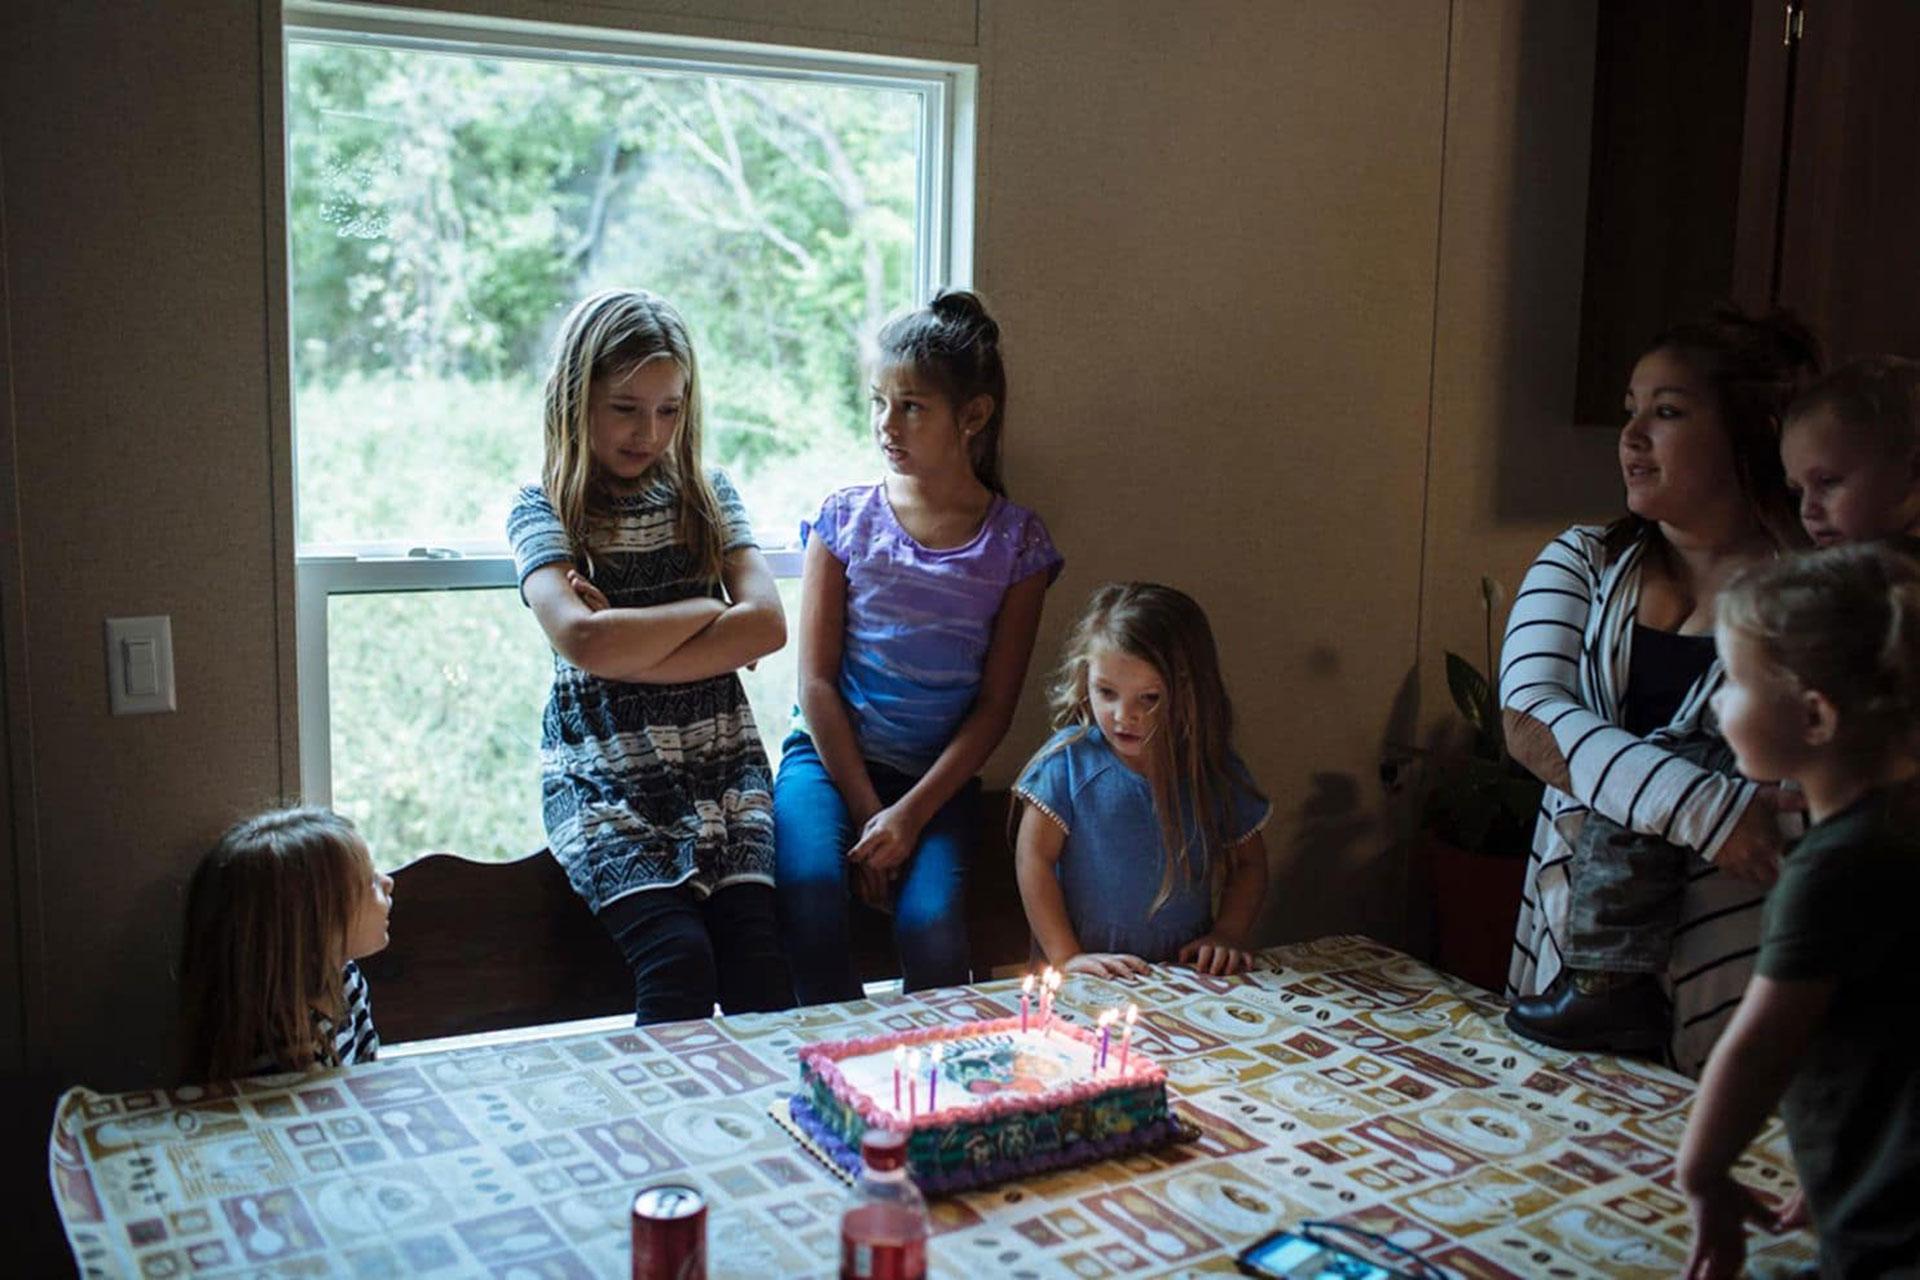 Raeleigh, rodeada de los otros bisnietos y el resto de la familia, en su noveno cumpleaños. Su familia no hizo planes formales de cumpleaños porque su bisabuelo estaba gravemente enfermo. Su muerte tres días antes hizo que la celebración fuera agridulce (Angus Mordant/The Washington Post)